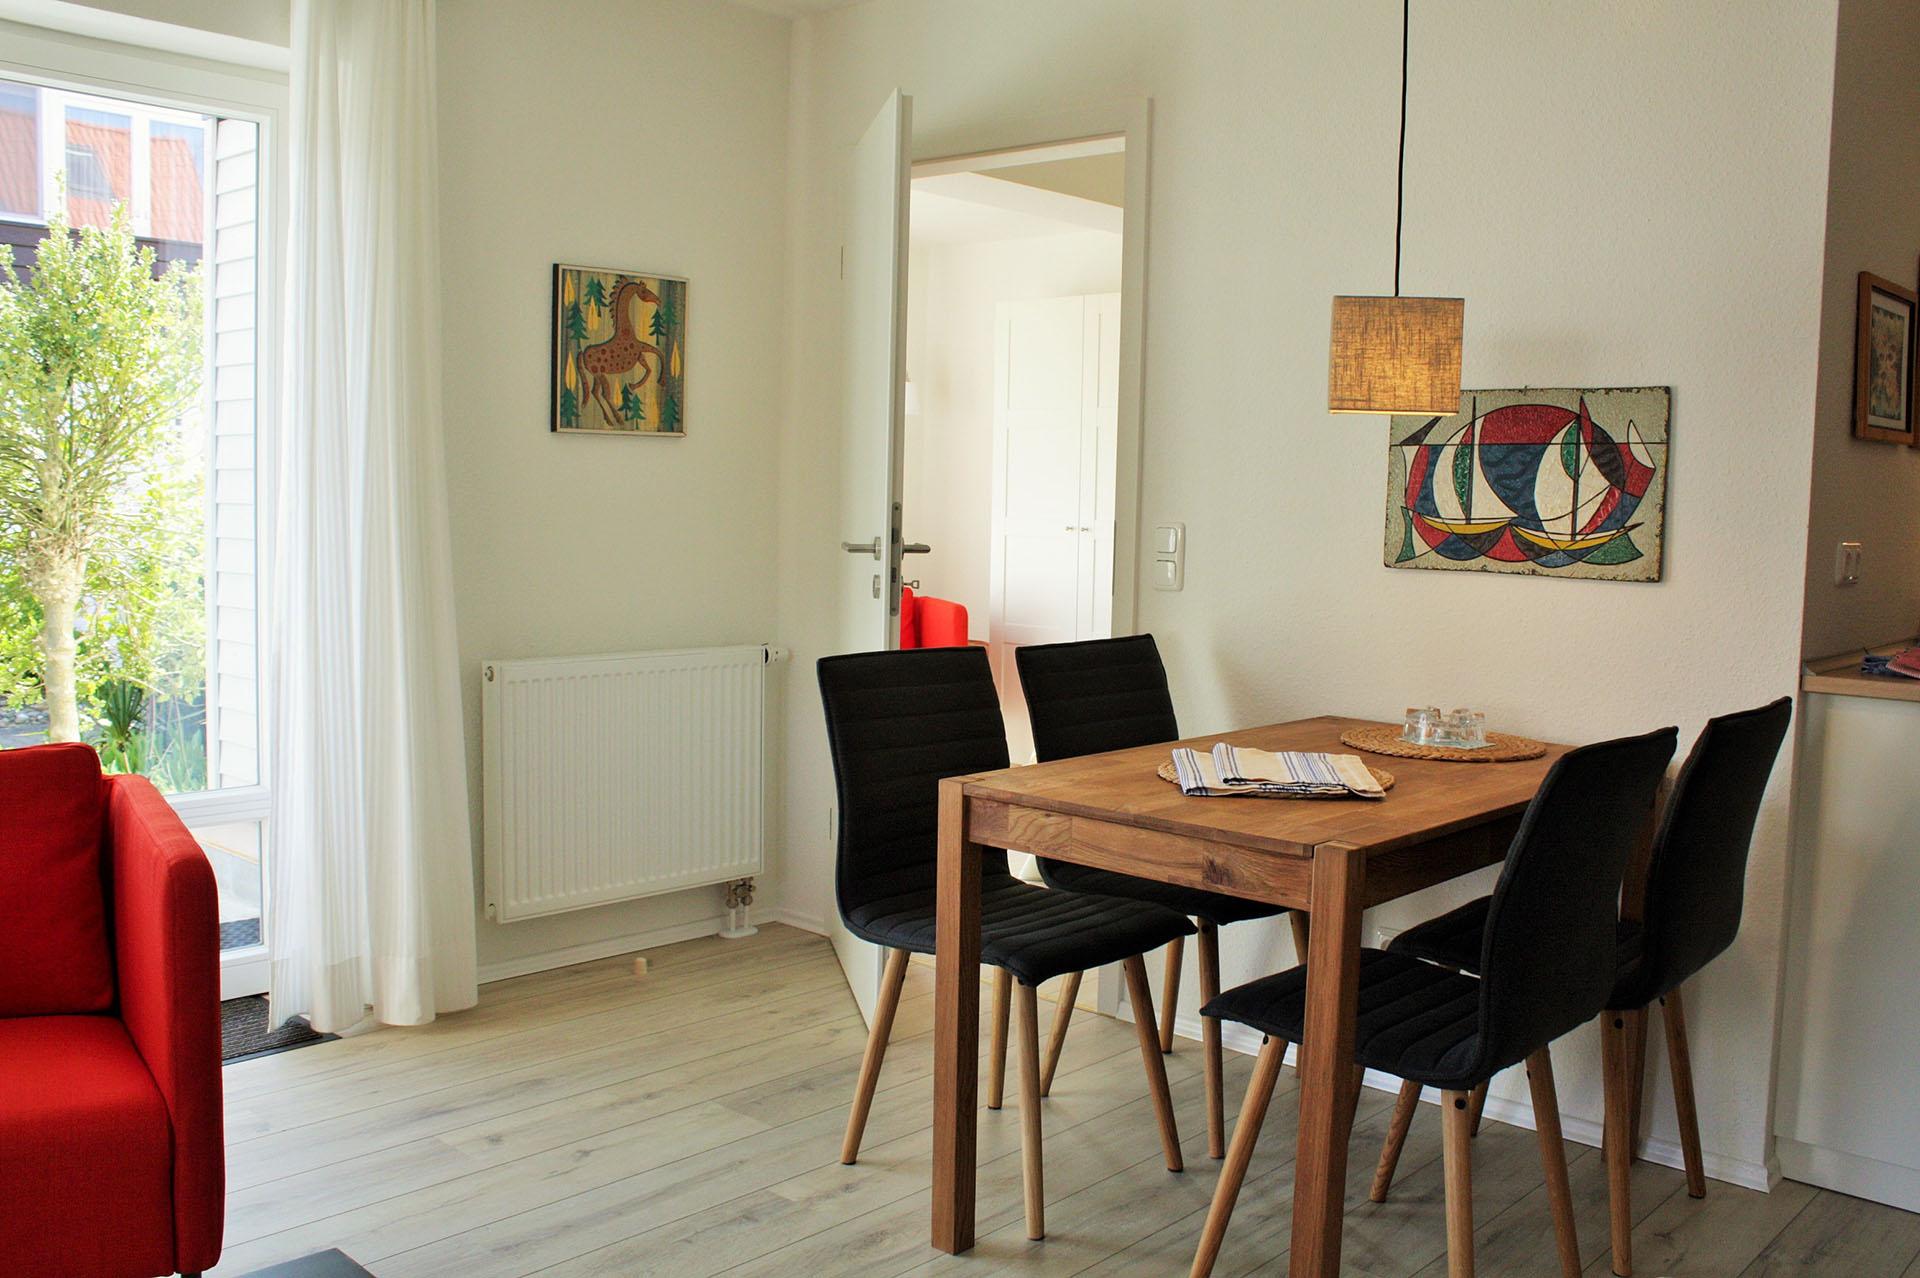 malerhaus-kuhse-ferienwohnung-stockrose-esszimmer